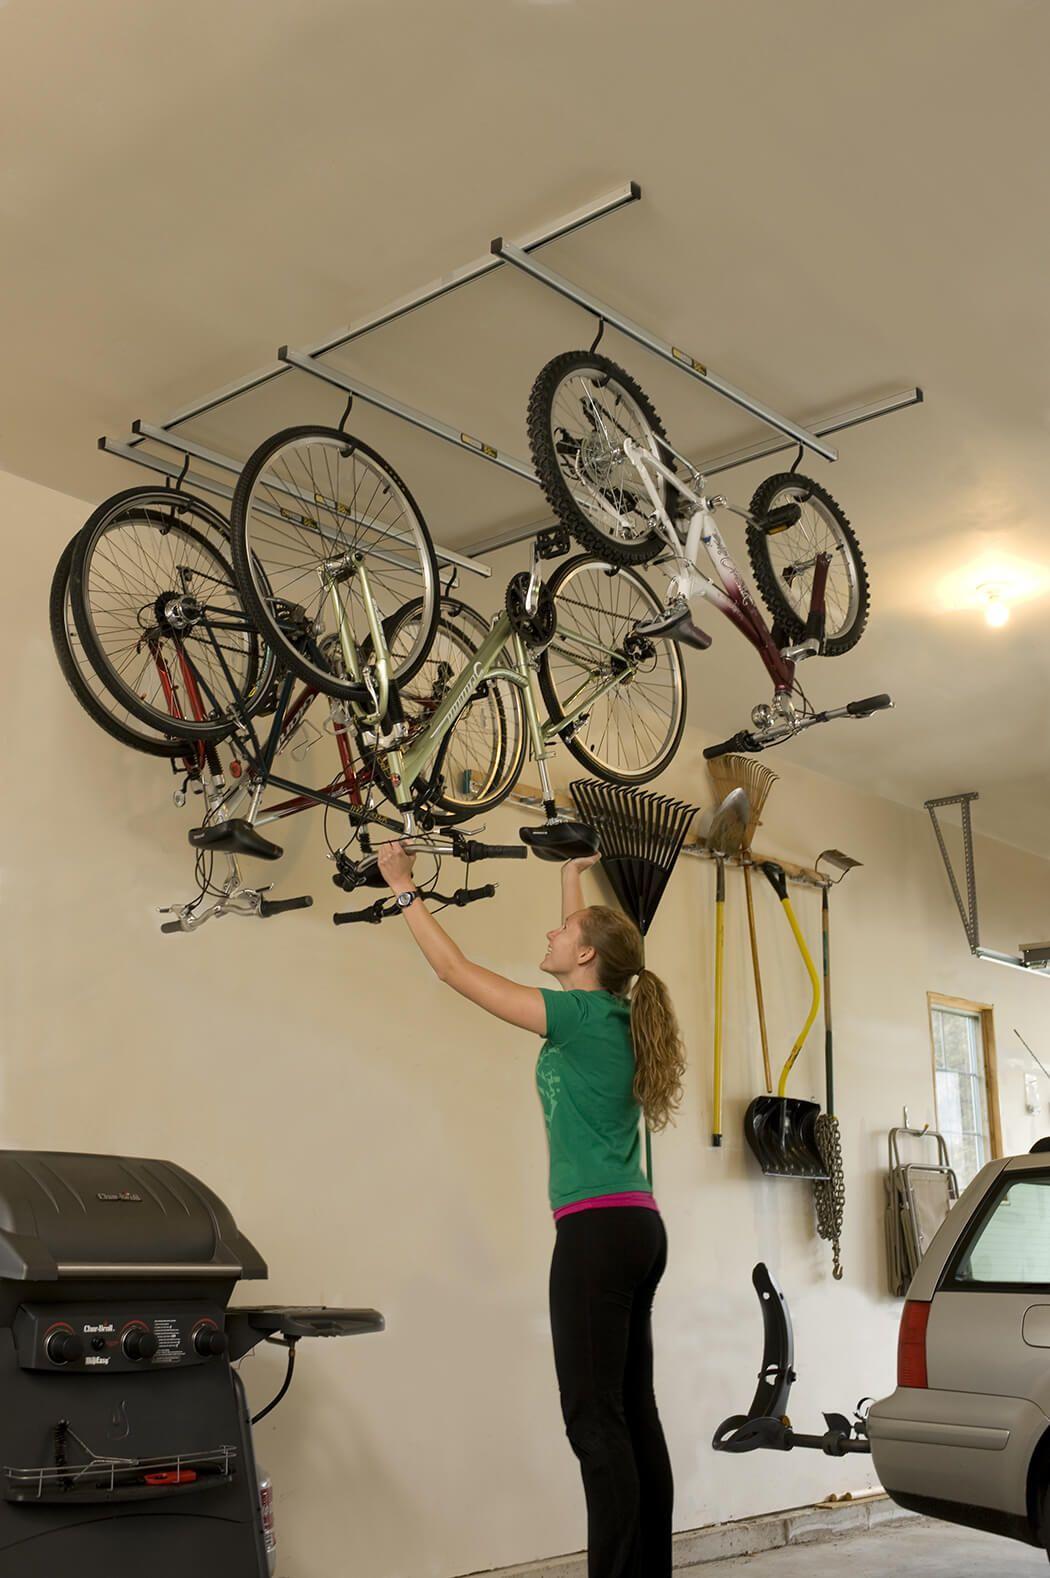 Bicycle Storage Solutions Bicycle Storage Bike Storage Bicycle Storage Rack